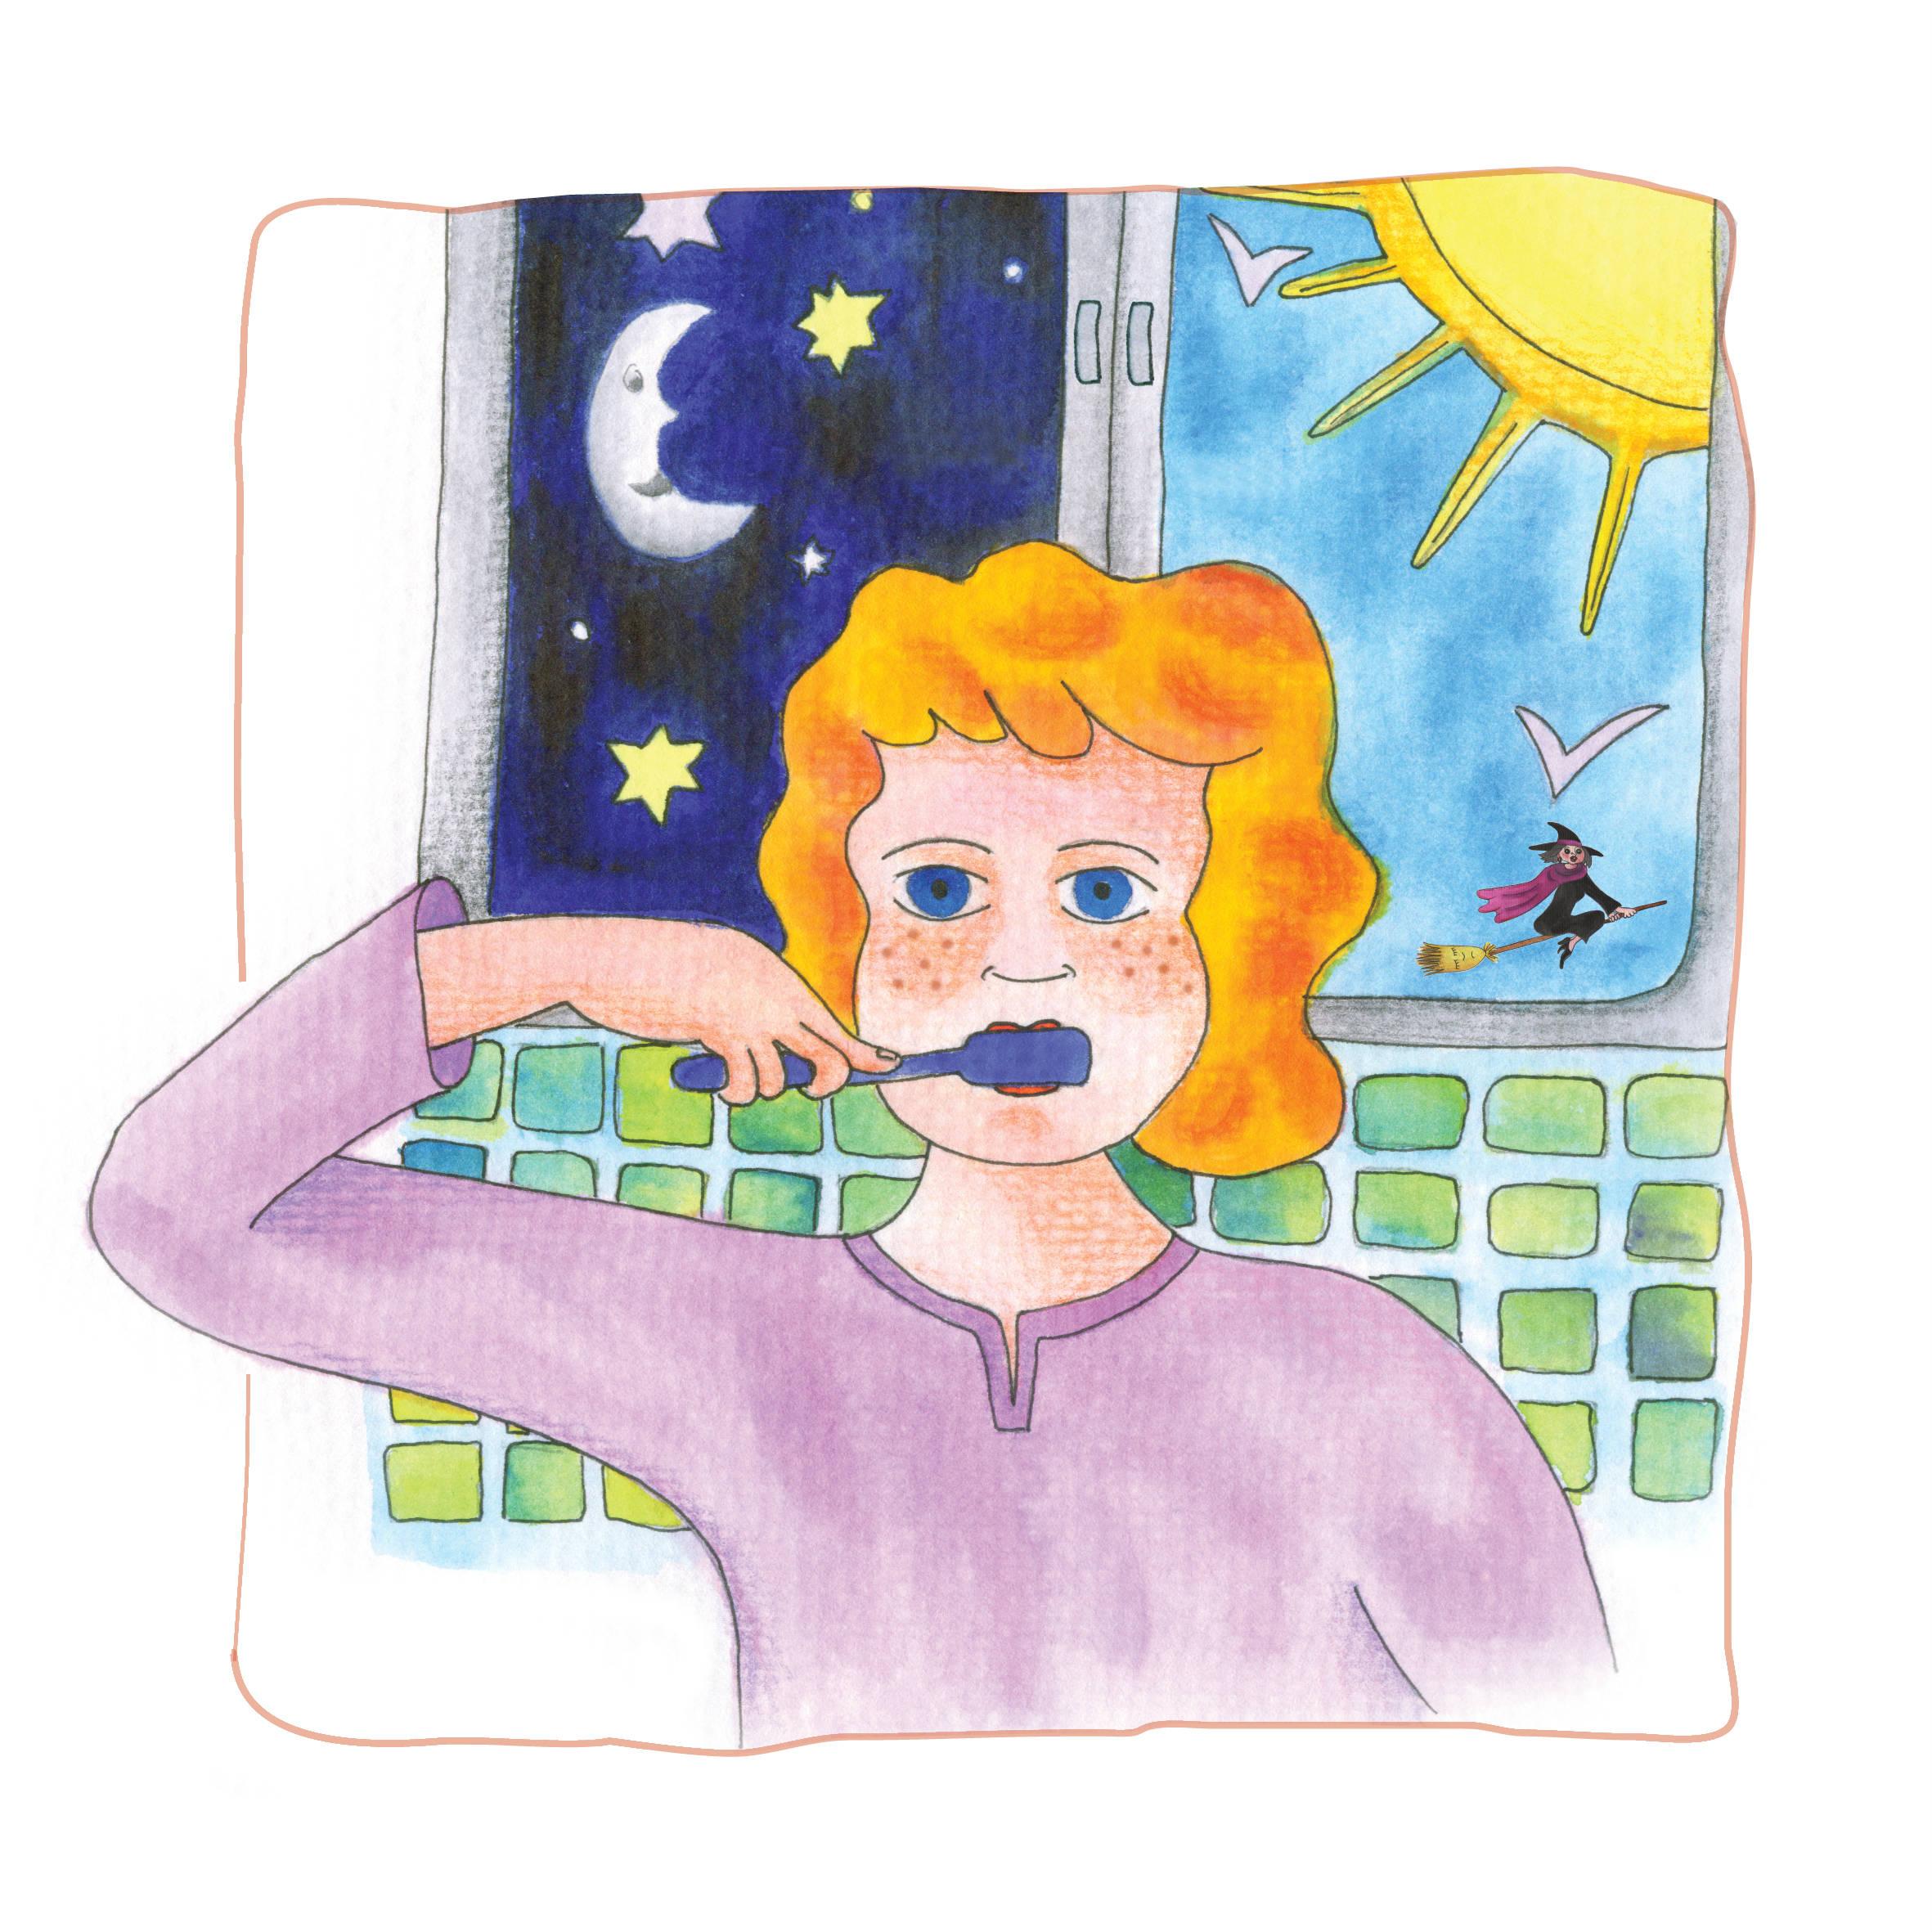 דנה מצחצחת שיניים גם בלילה וגם בבוקר. איירה: טלי ניב-דולינסקי